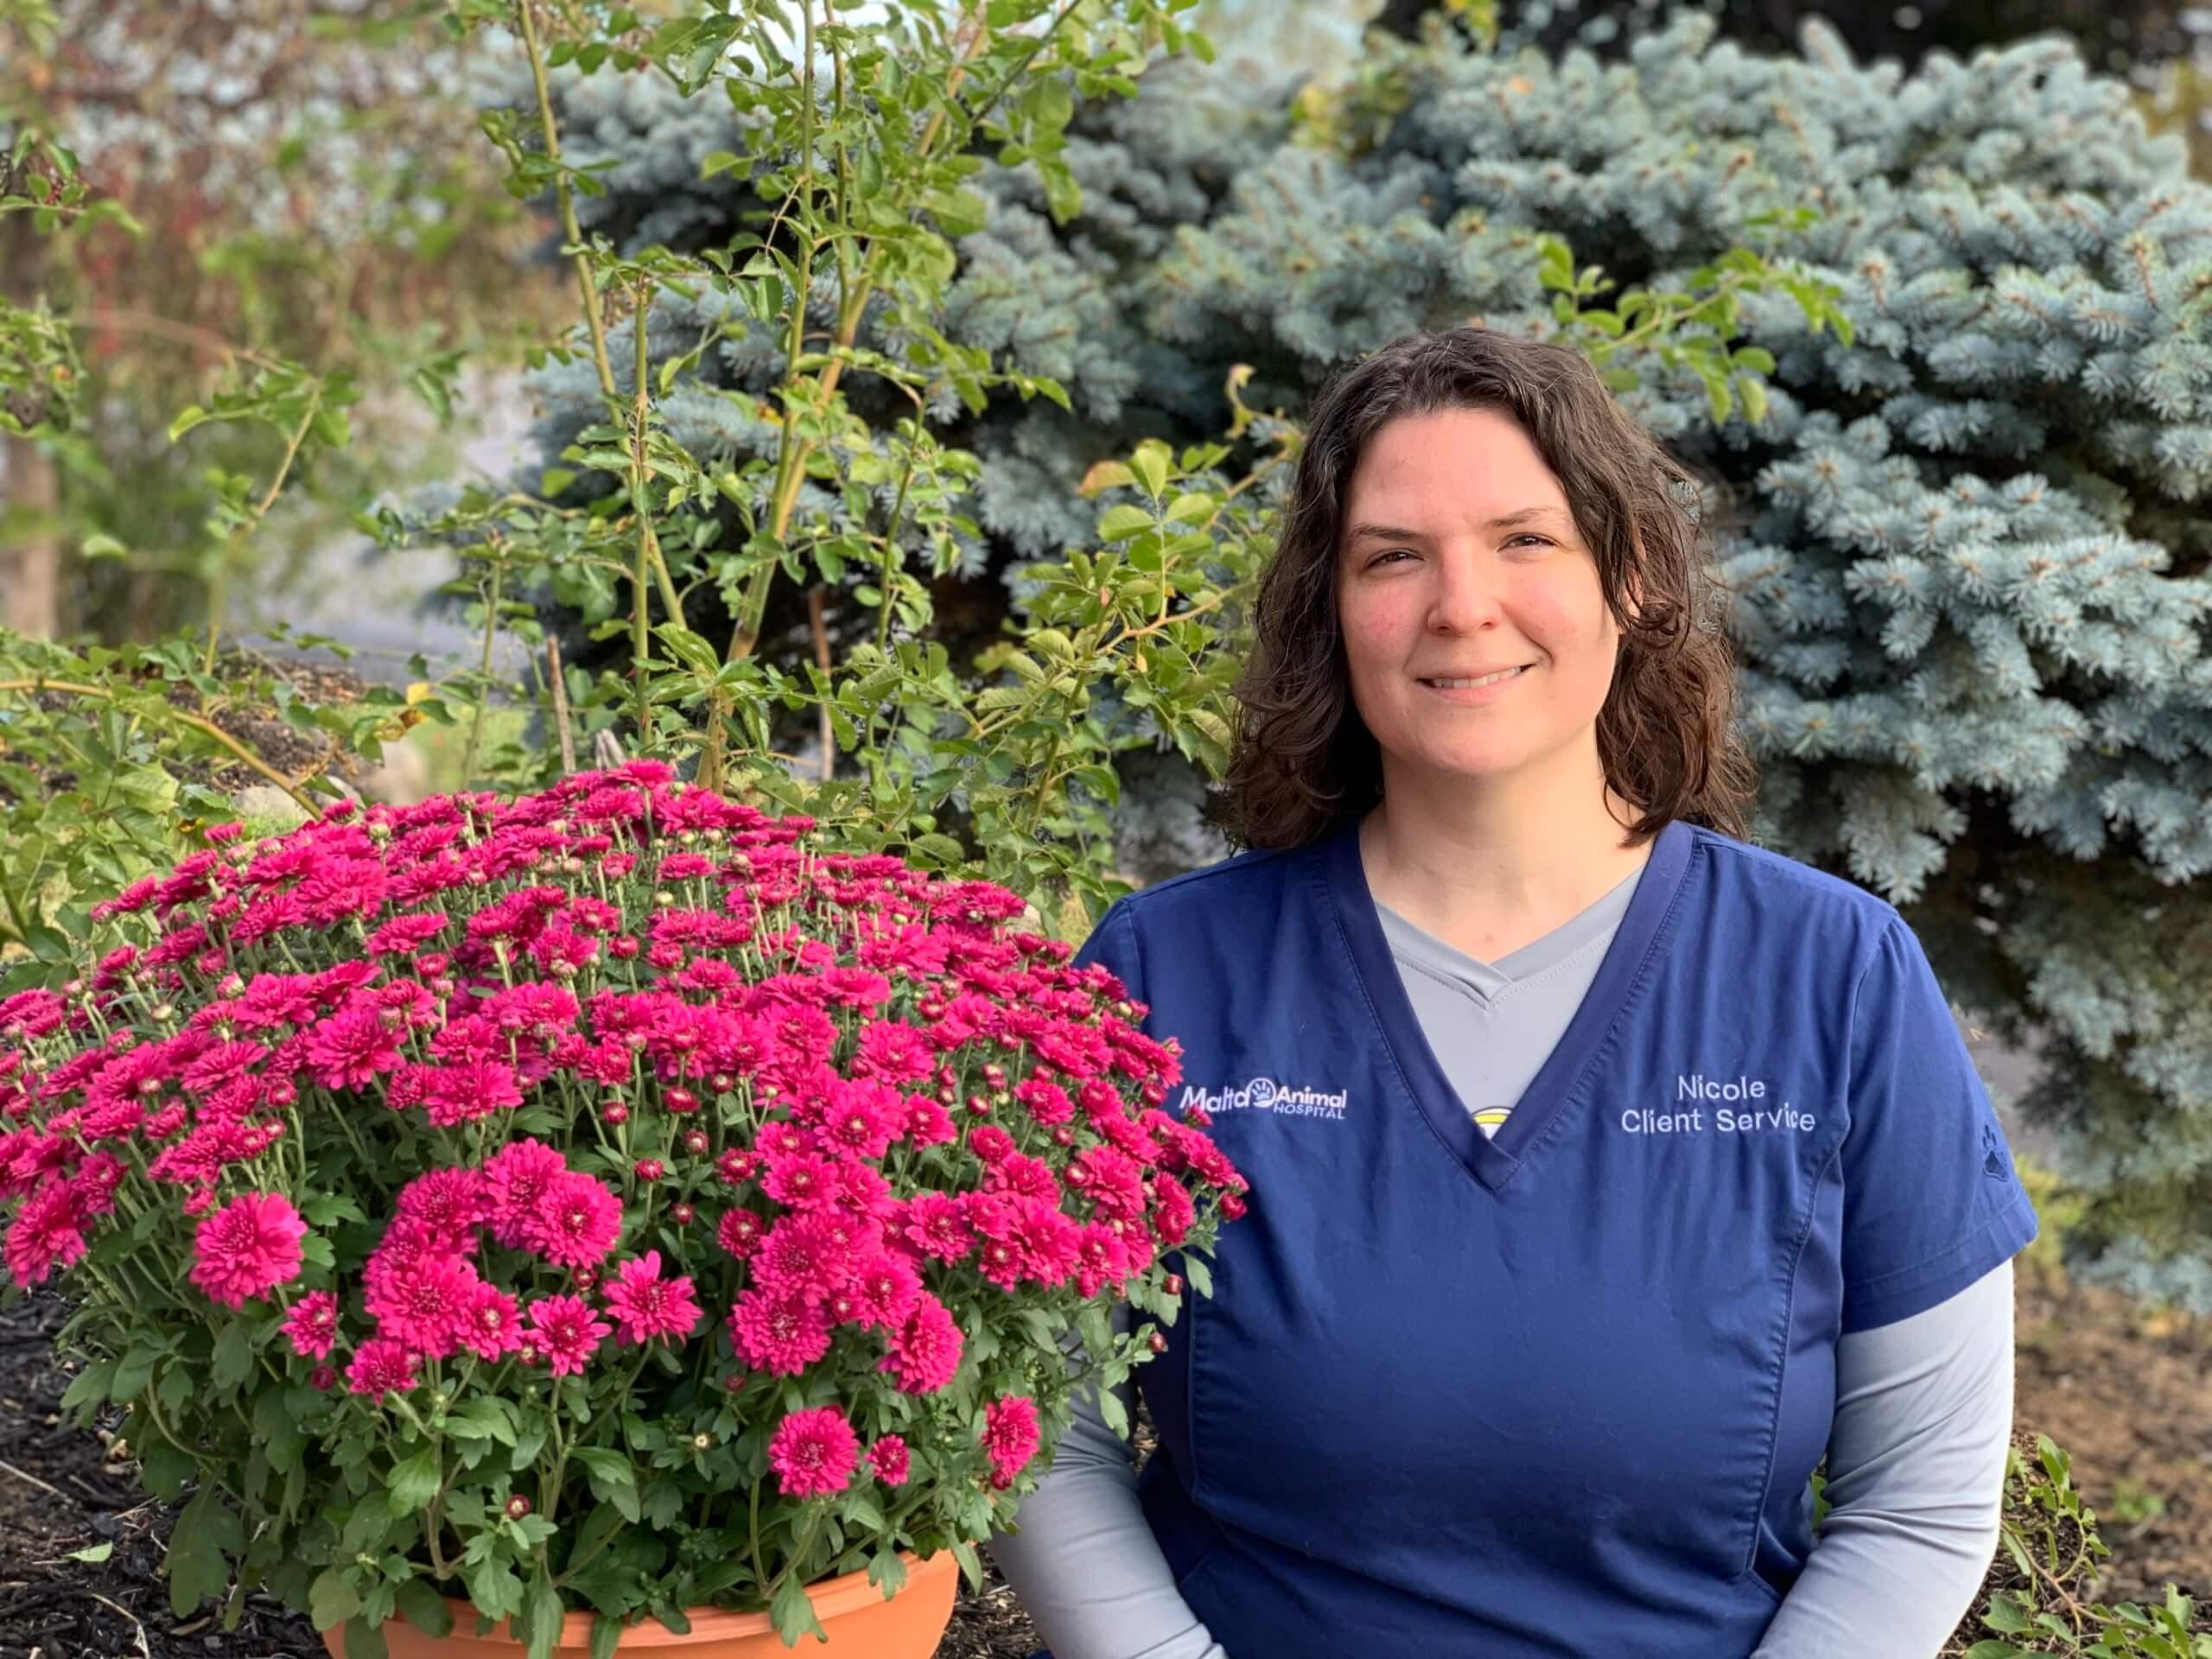 Nicole, Client Services